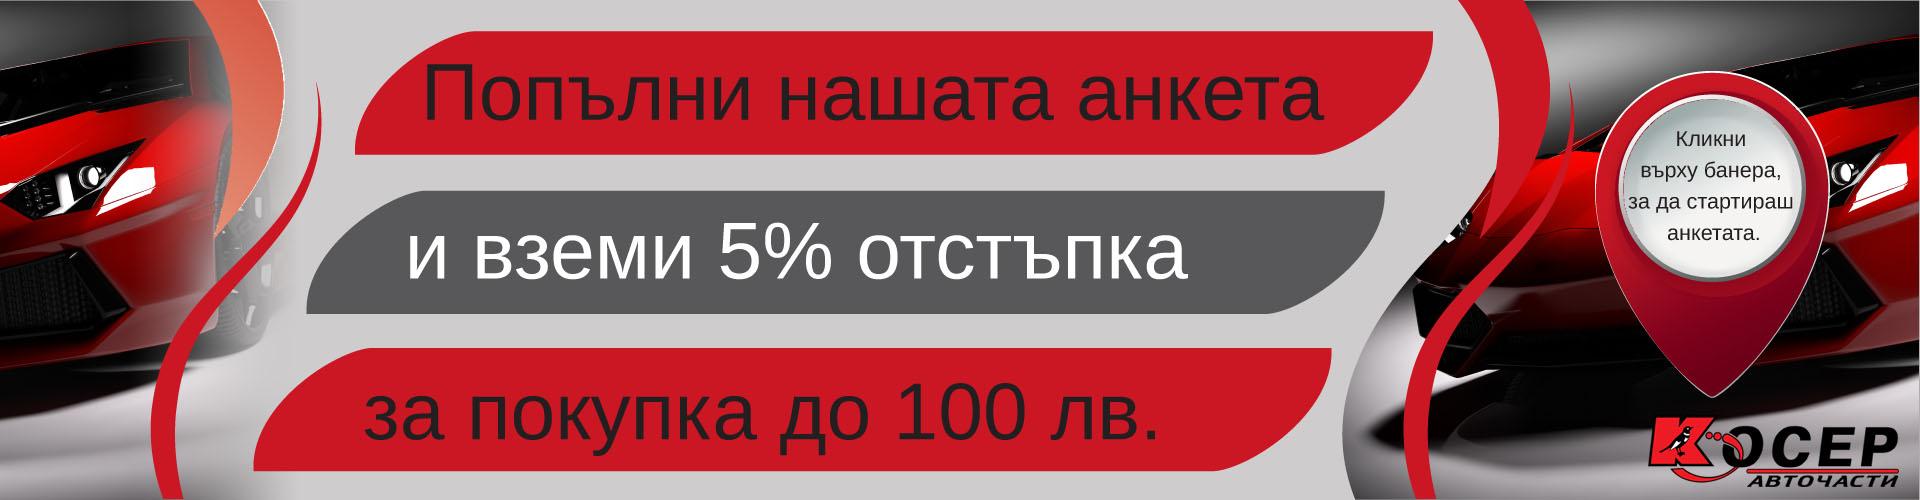 anketa-banner.jpg